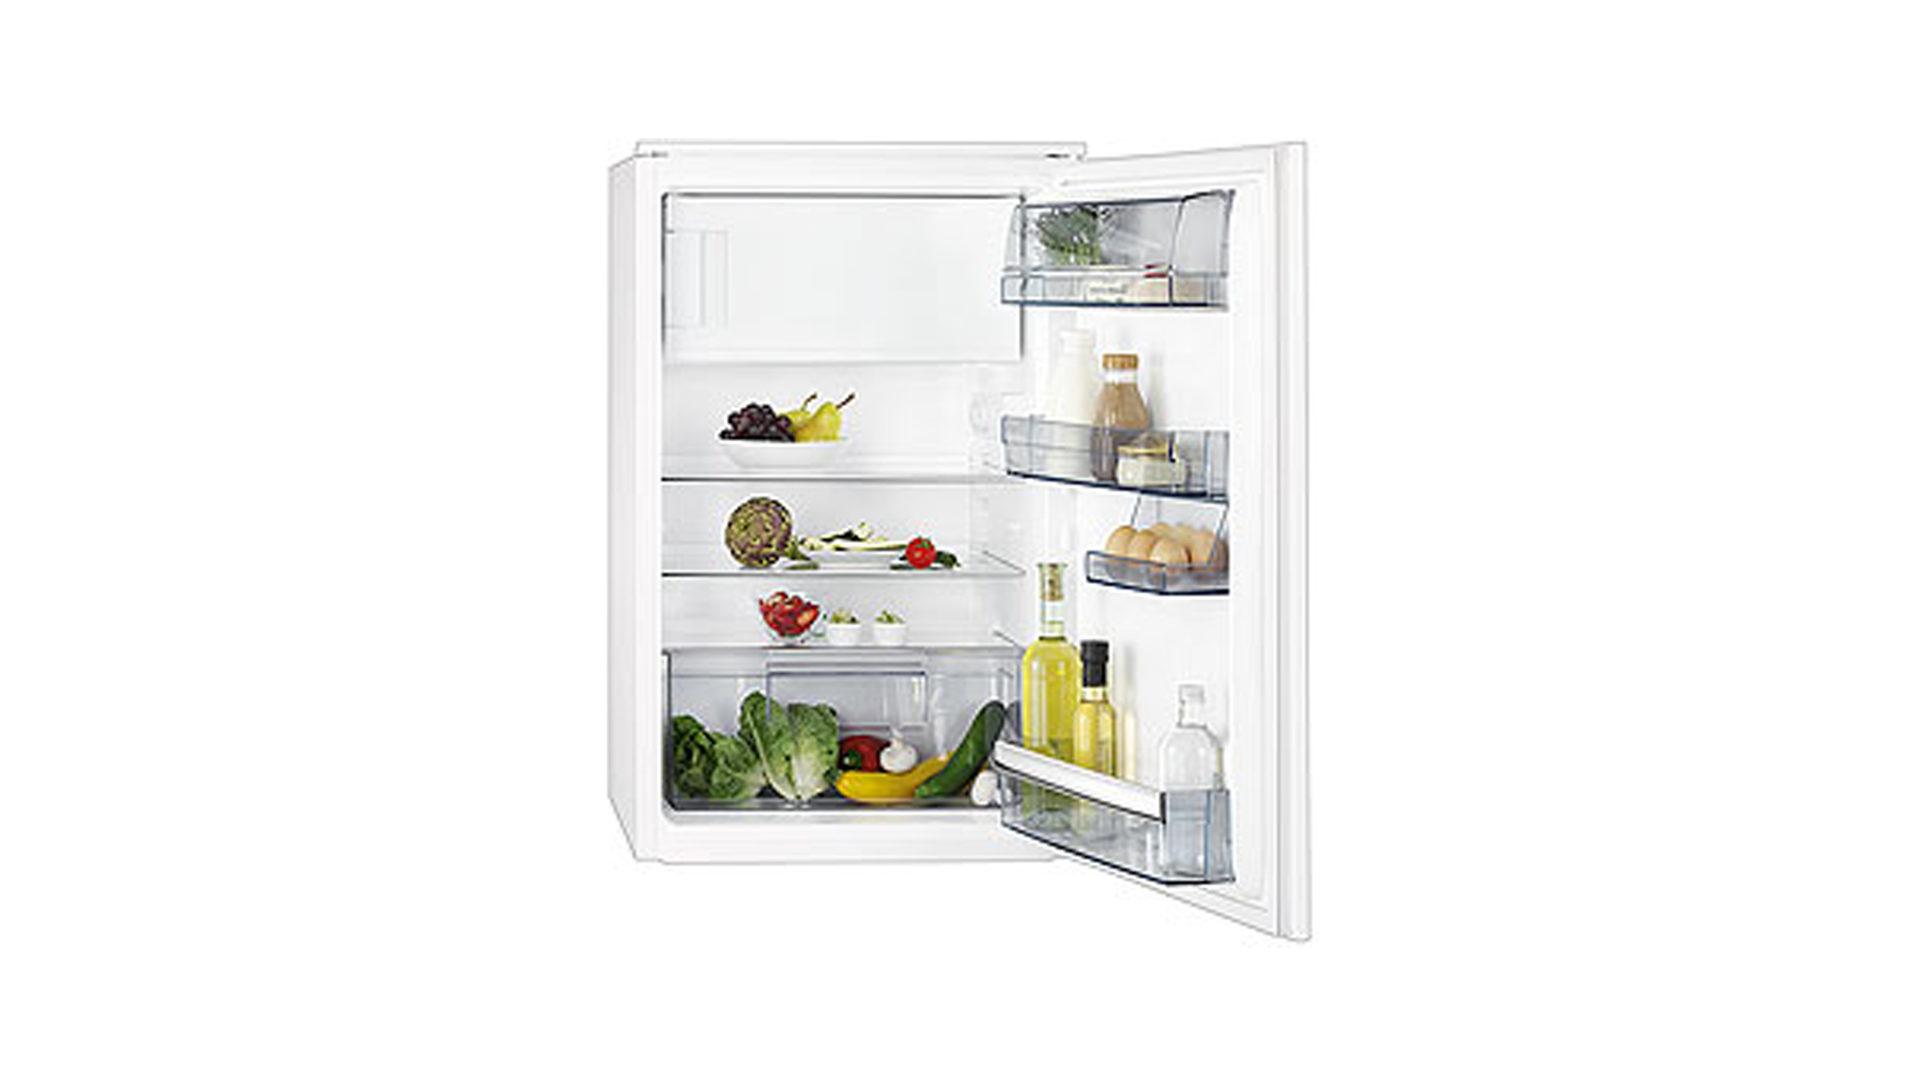 Aeg Kühlschrank Ohne Gefrierfach : Wohnland breitwieser markenshops alle geräte aeg aeg